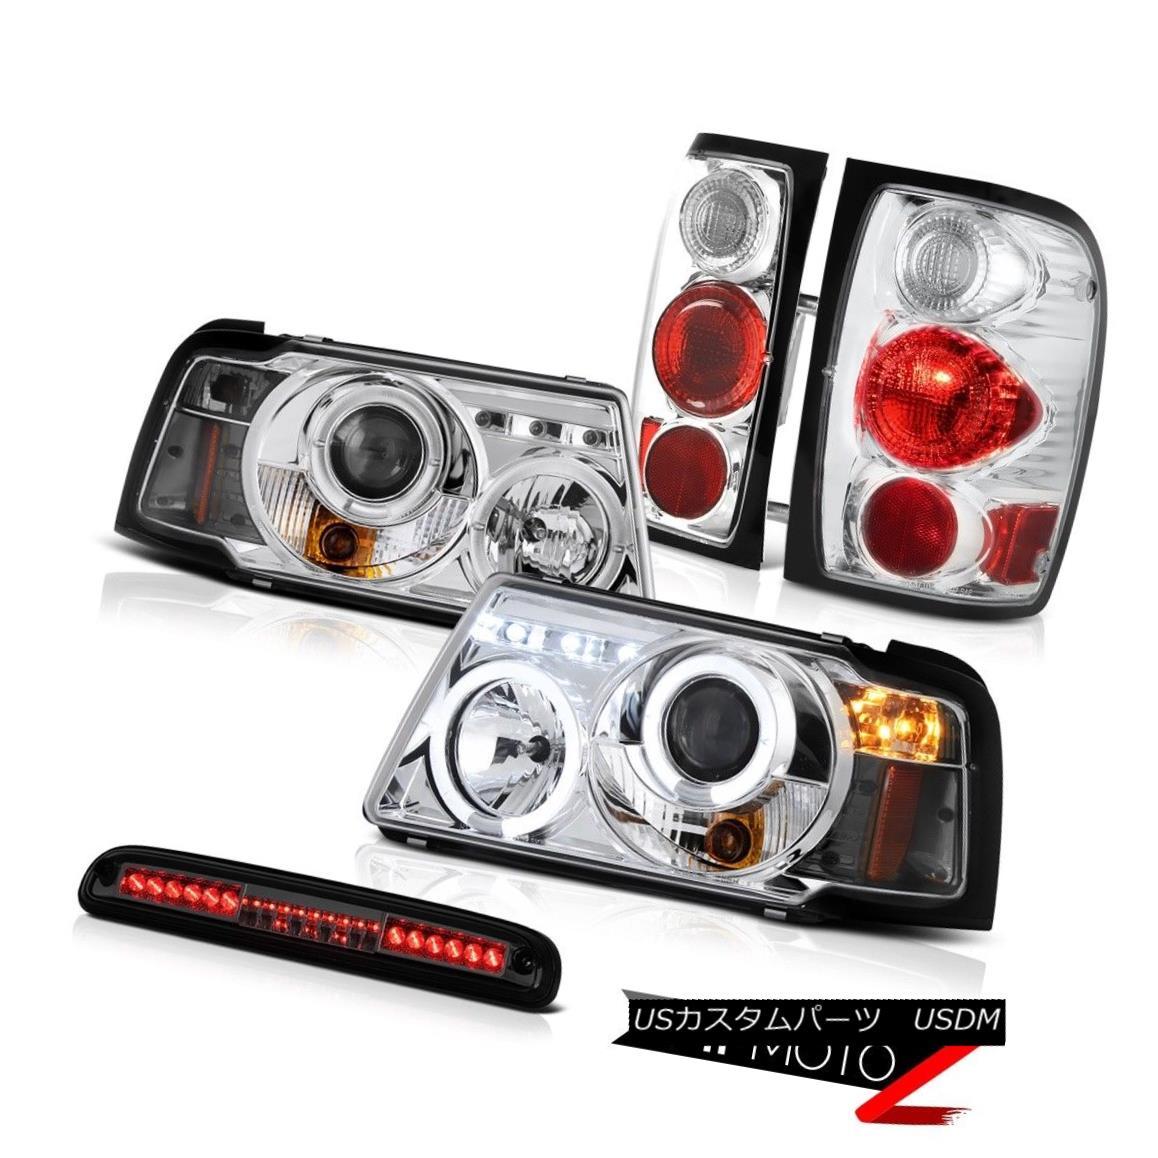 ヘッドライト Chrome Headlights Euro Tail Lights Smoke Third Brake 2001-2011 Ranger 4.0L クロームヘッドライトユーロテールライトスモークサードブレーキ2001-2011レンジャー4.0L